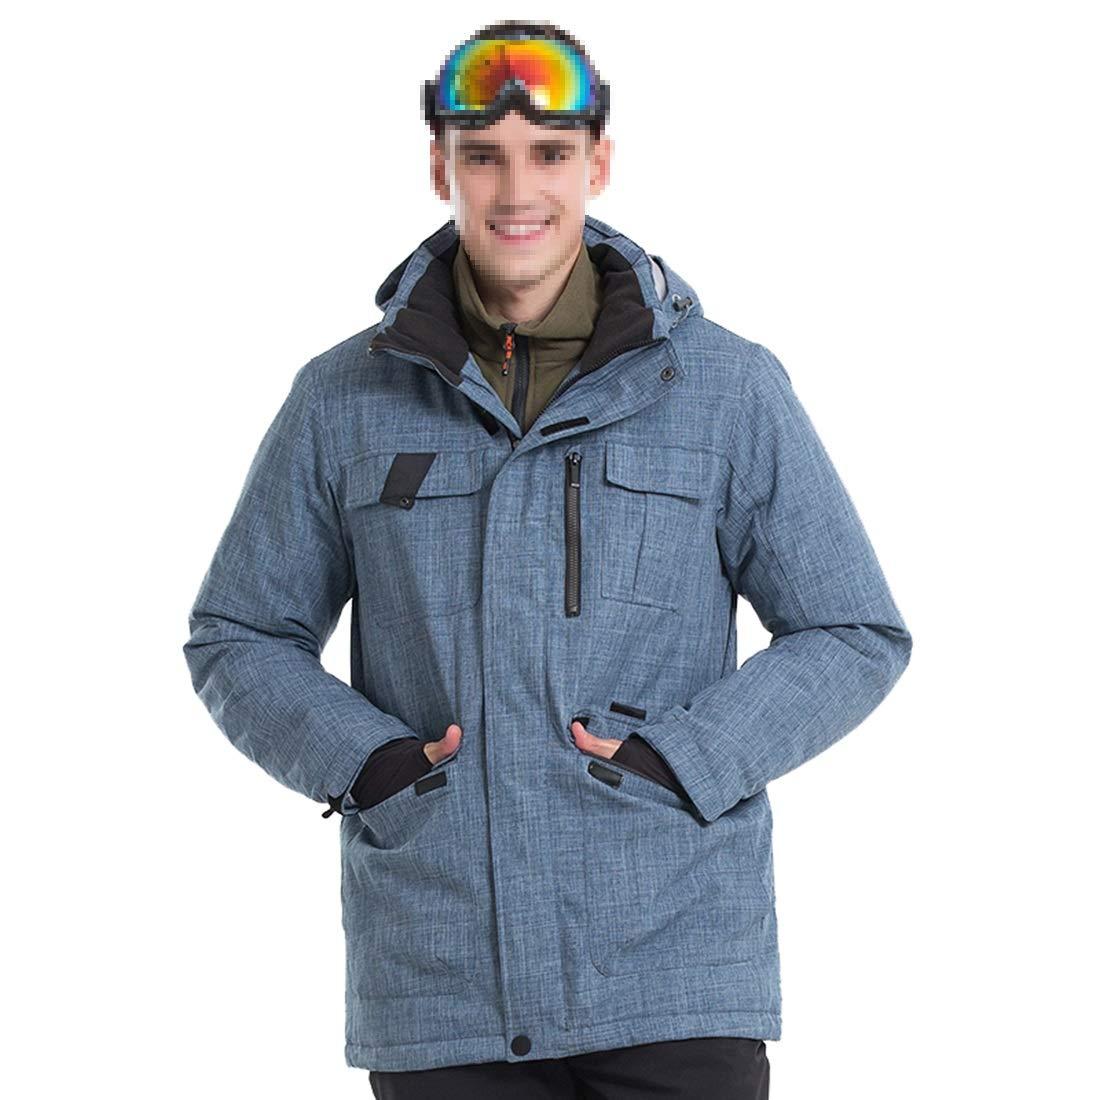 LilyAngel スノーアウトハイキングのための暖かくて防風性の高いメンズジャケットスキースーツ 青 Large